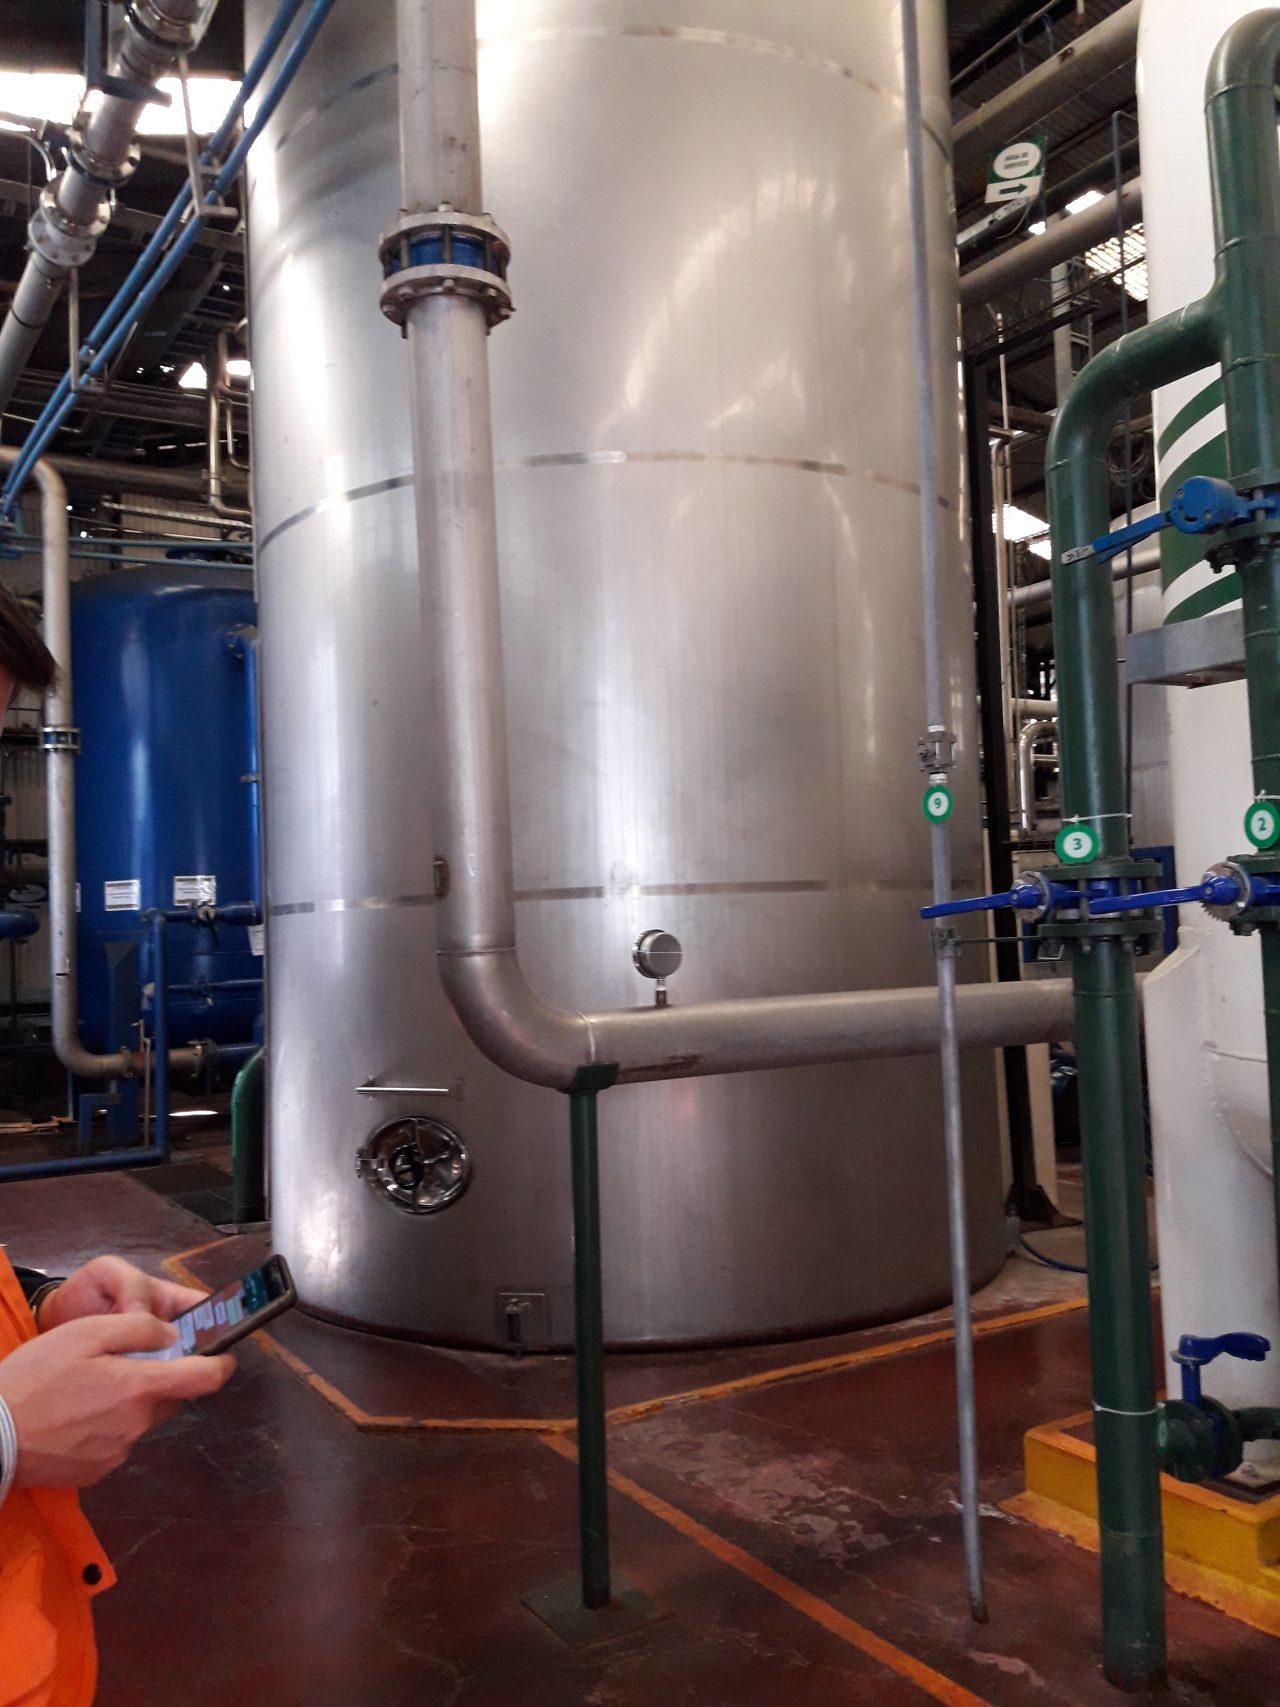 beverage-chile-plant-e1542281996217-1280x1707.jpg